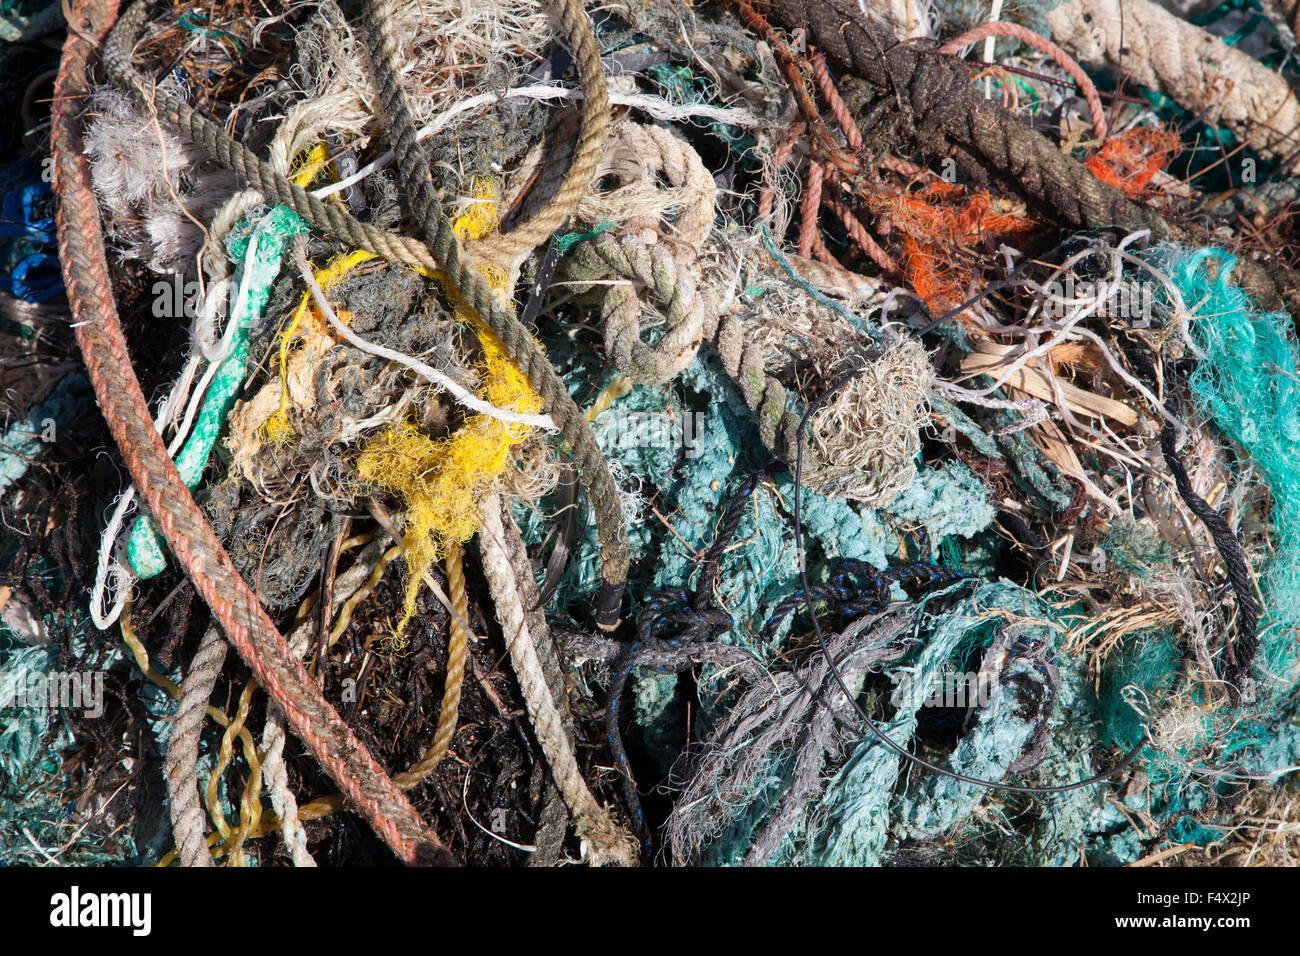 Cuerdas y redes recolectadas a lo largo de la costa de una isla del Pacífico Norte por los turistas para la eliminación apropiada para evitar daños a la fauna marina Foto de stock